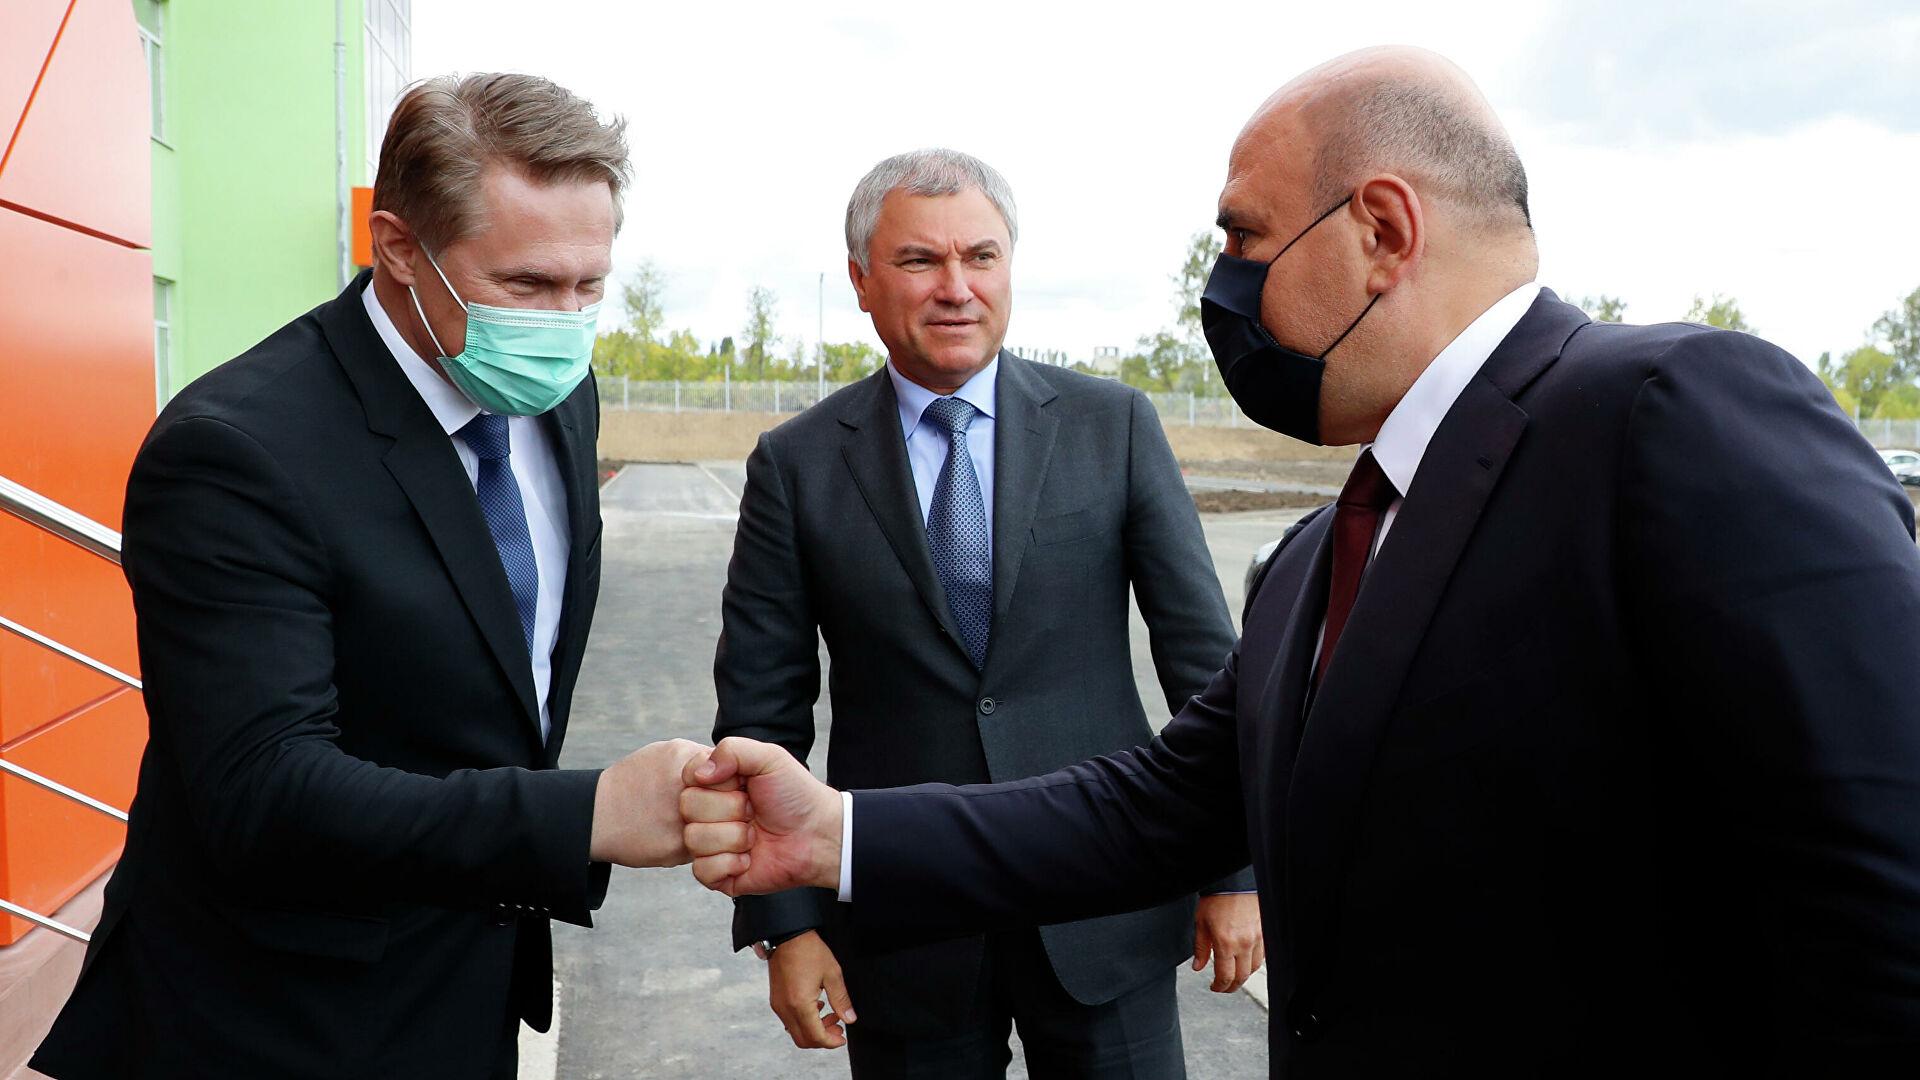 Михаил Мишустин прибыл в Саратовскую область с официальным визитом